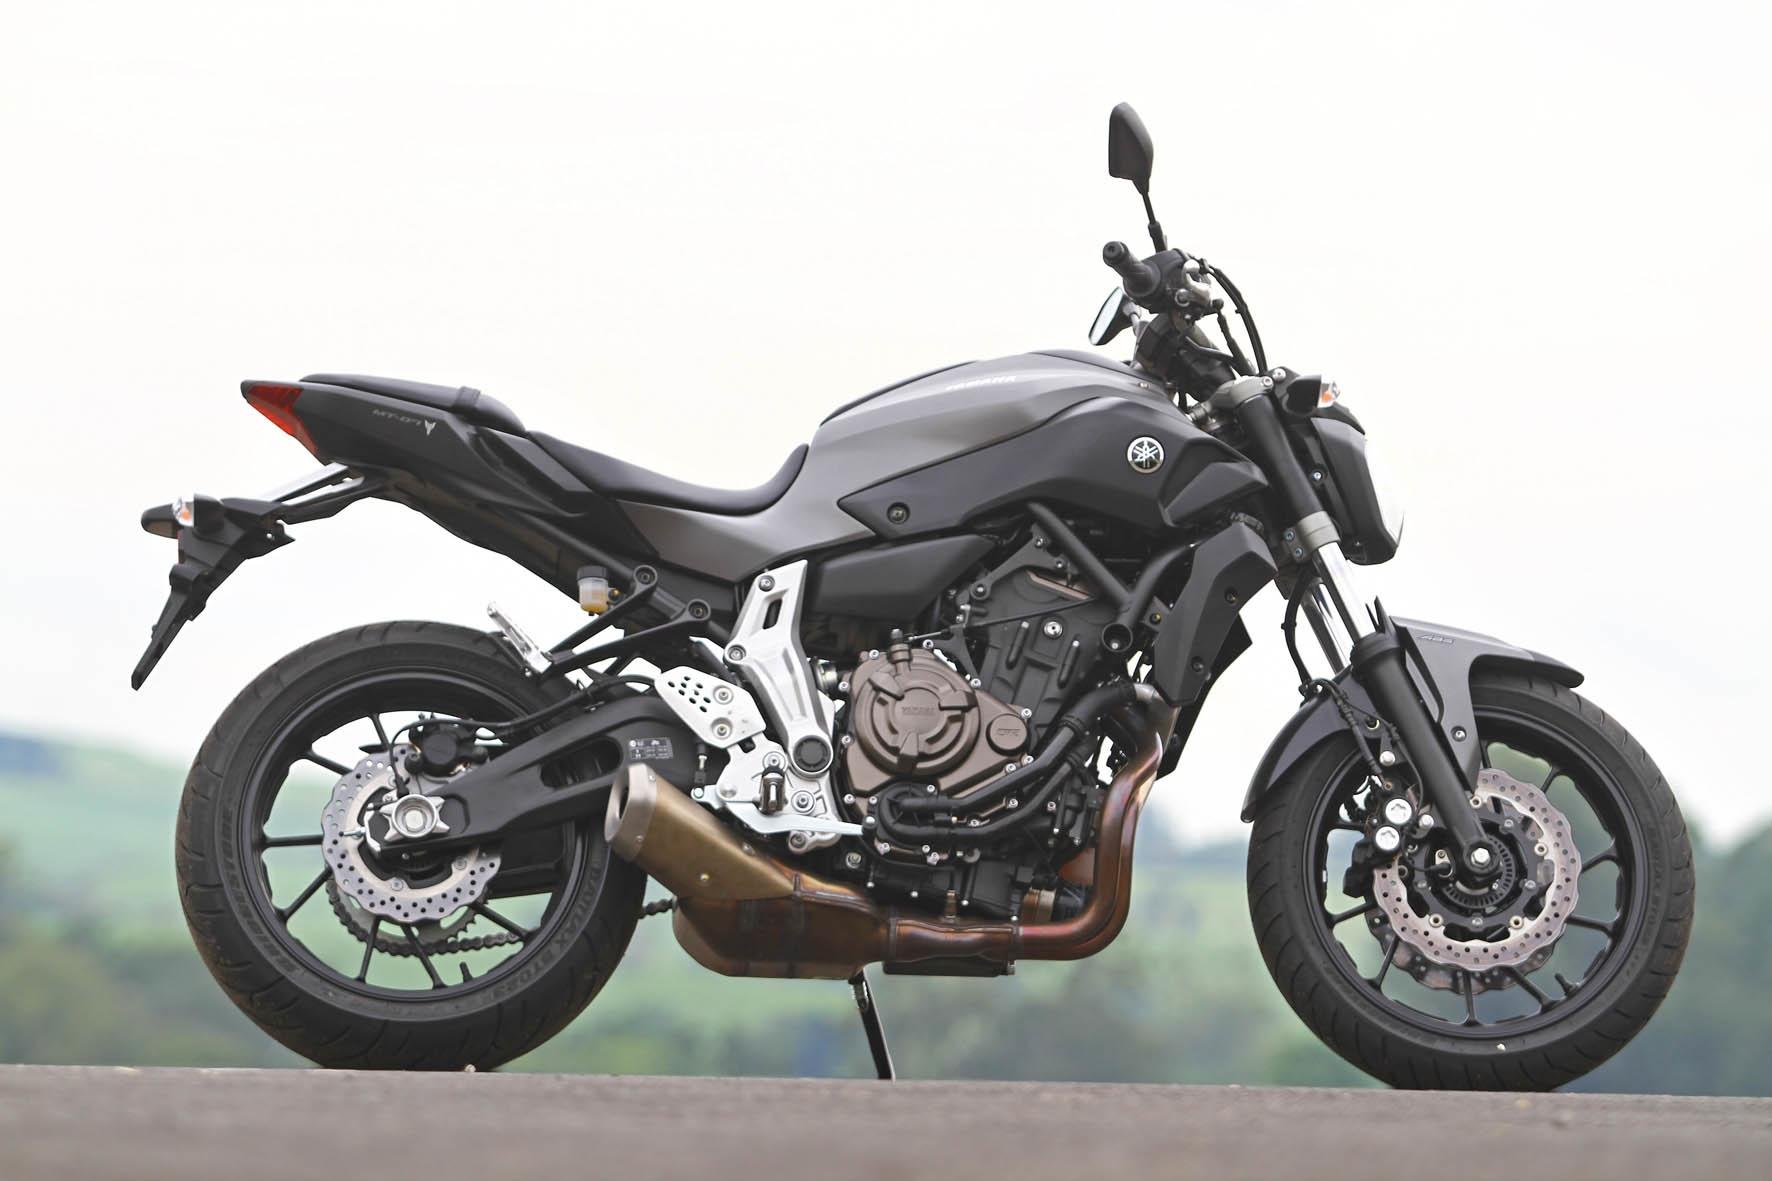 Leve e esguia a Yamaha MT-07 é perfeita para o uso urbano